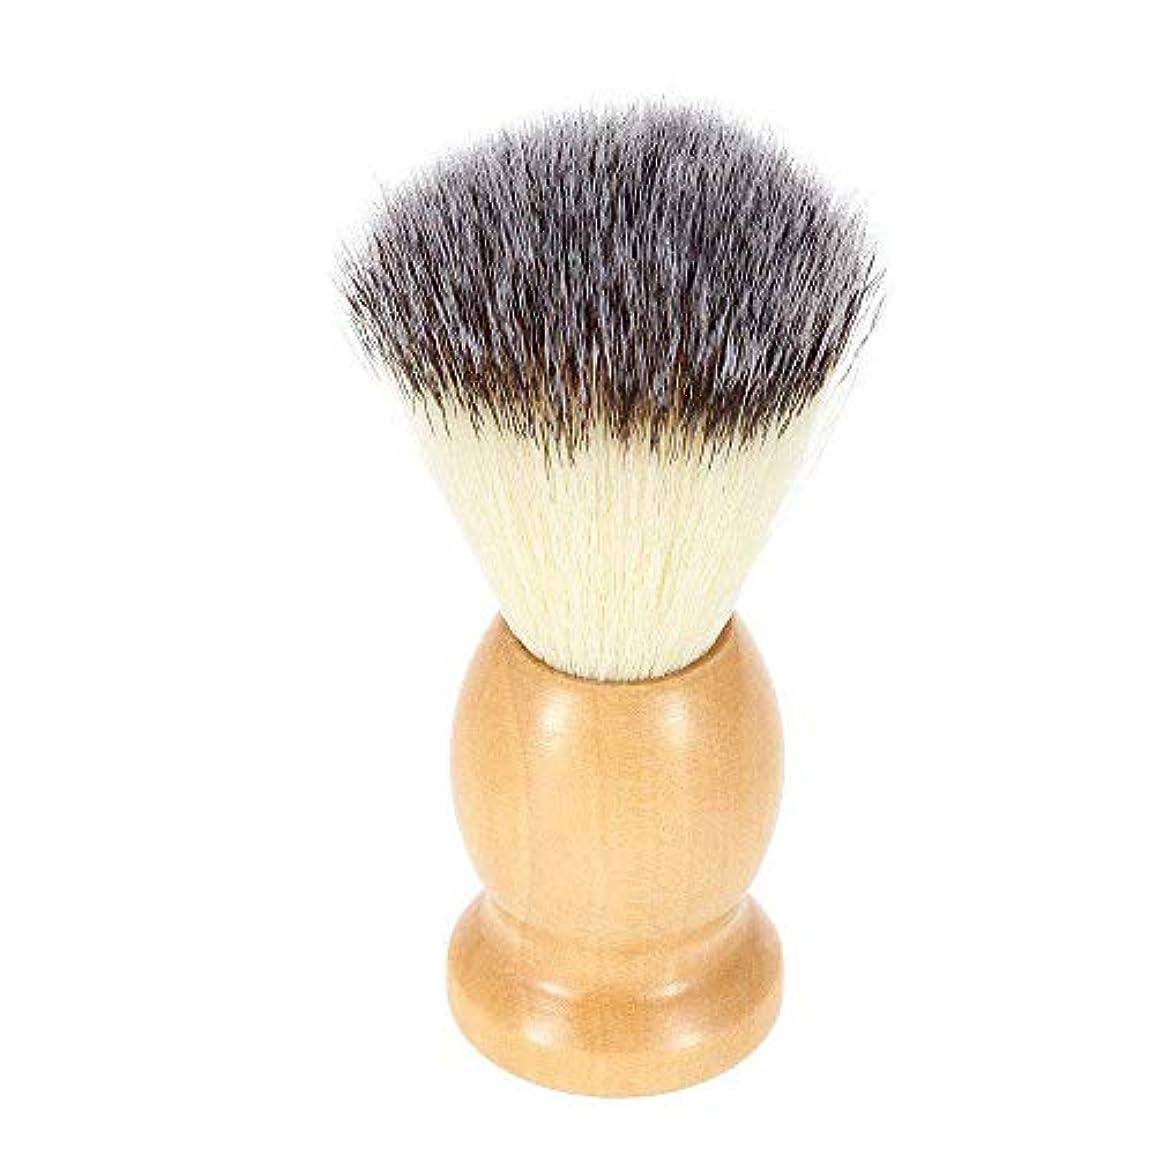 保存突然のどれ1 ナイロンひげブラシ ハンドルシェービングブラシ 泡立ち 理容 洗顔 髭剃り ご主人メンズ用ブラシ 木製ひげブラシ